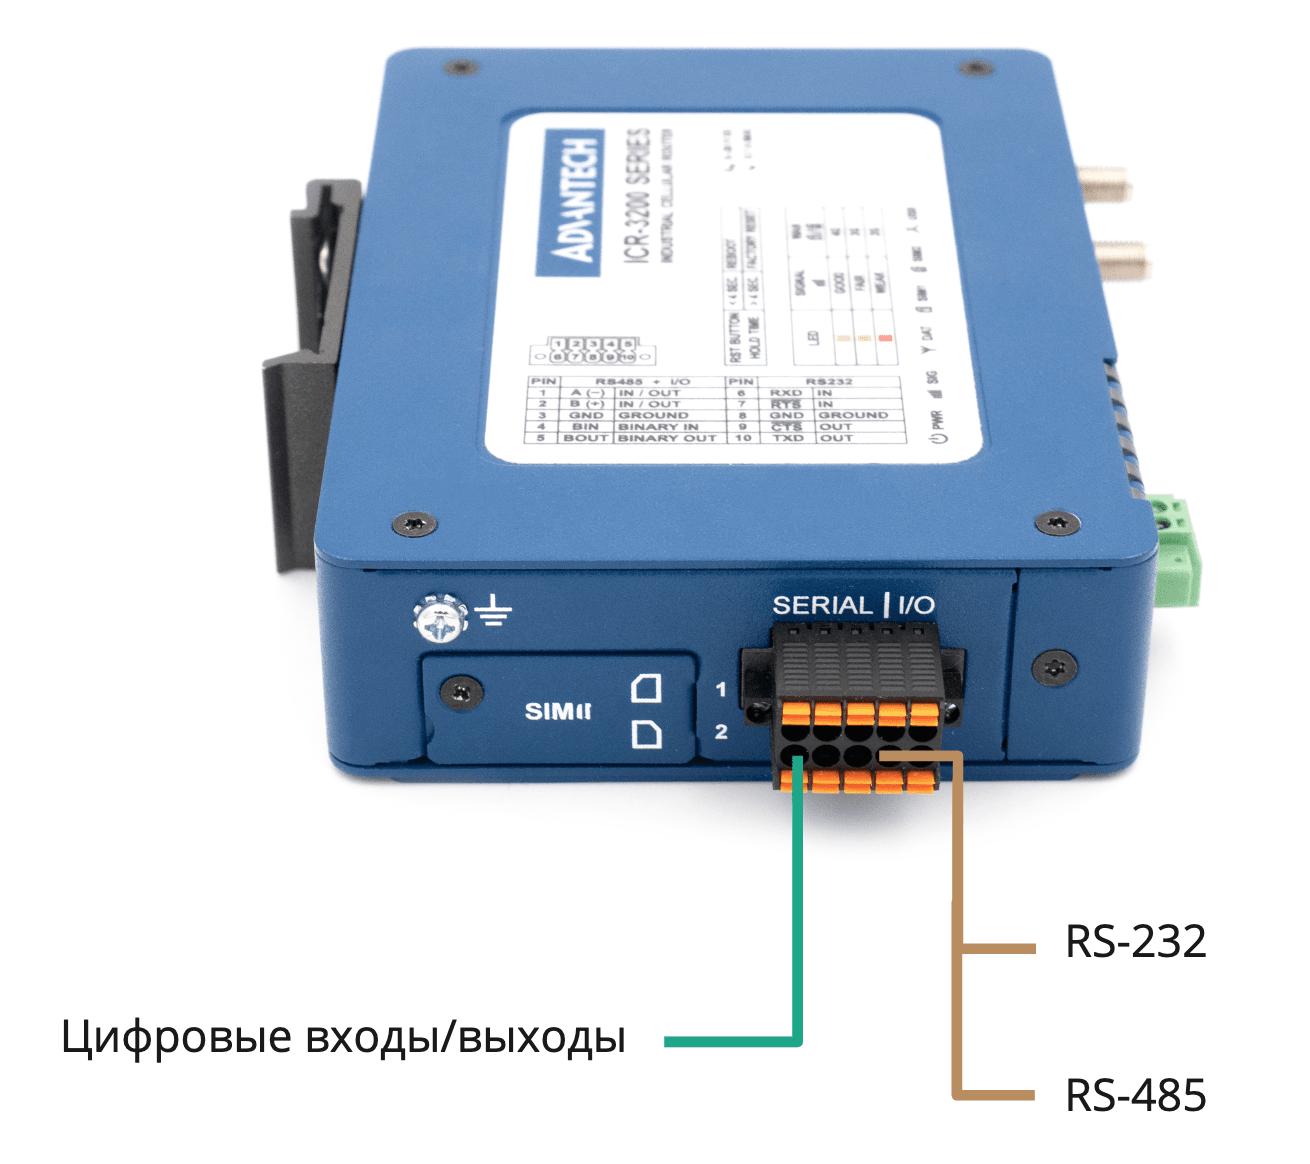 4G-роутер в роли универсального сервера для IoT - 6